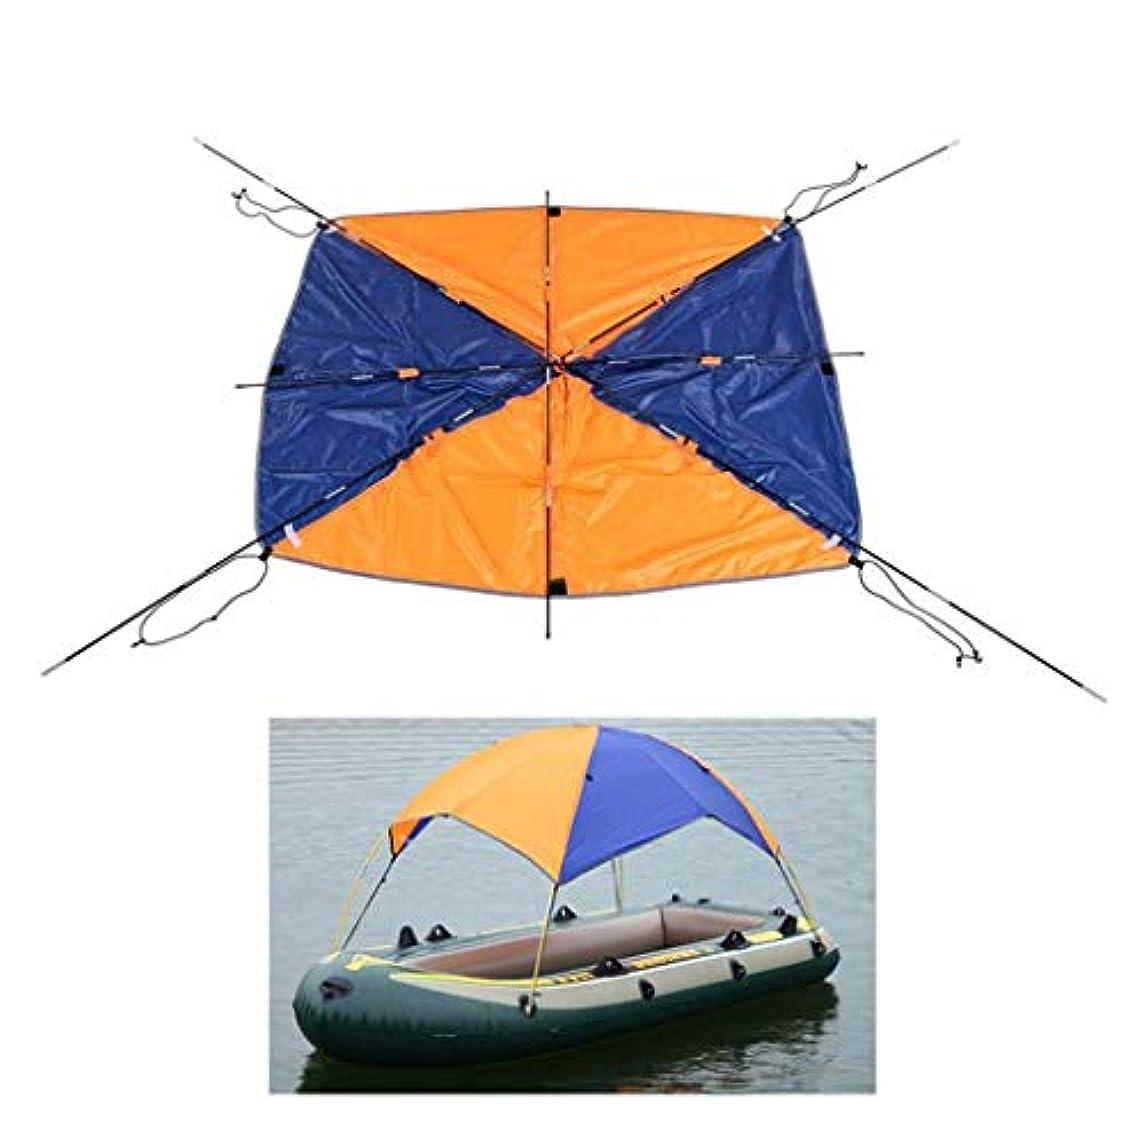 スカーフ老人シリーズゴム製ボートのテントのカヤックの日除けは膨脹可能なボートの折るテントを流しました